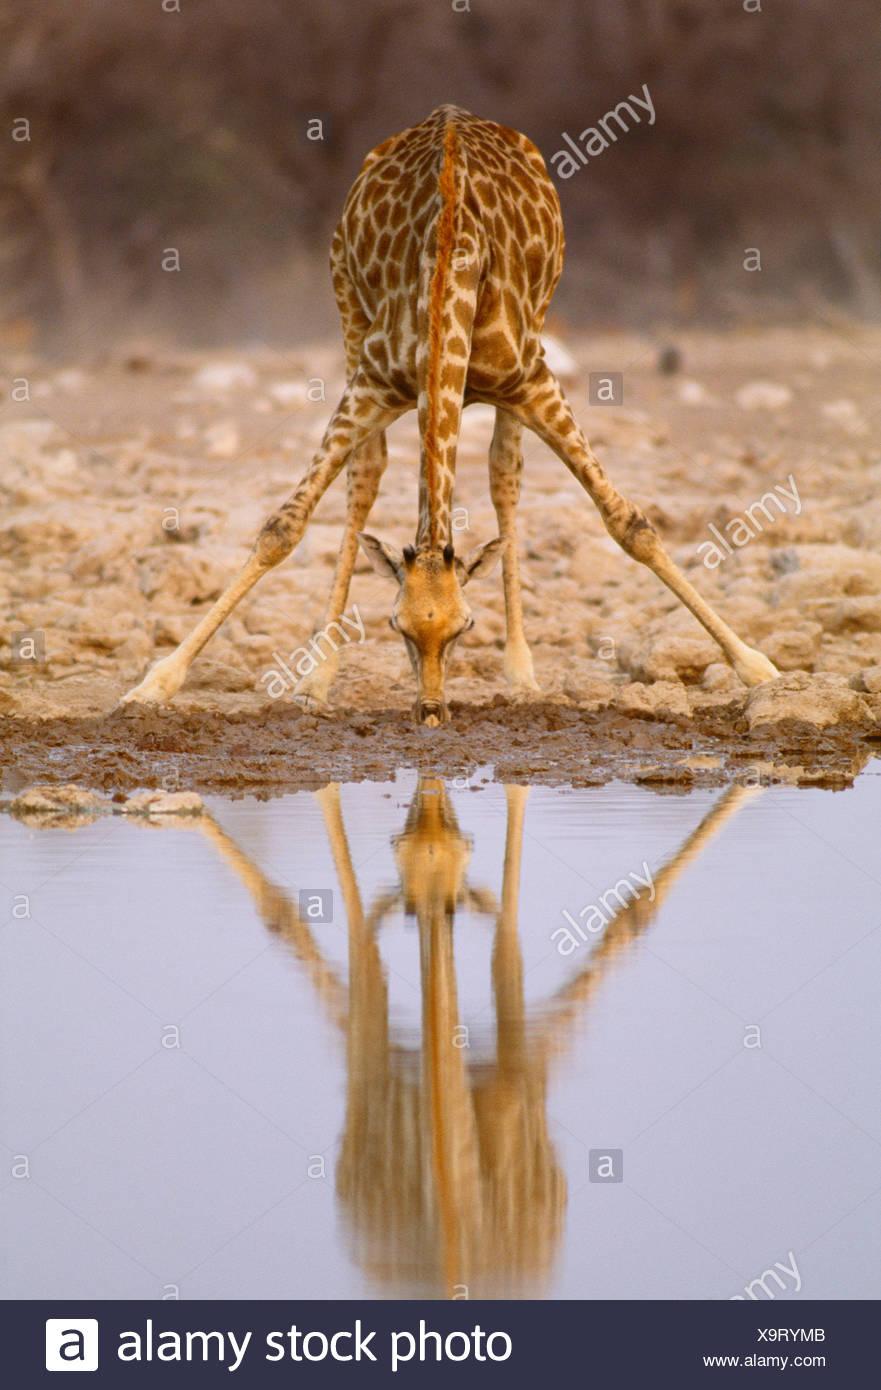 South African Giraffe, Etosha National Park, Namibia - Stock Image